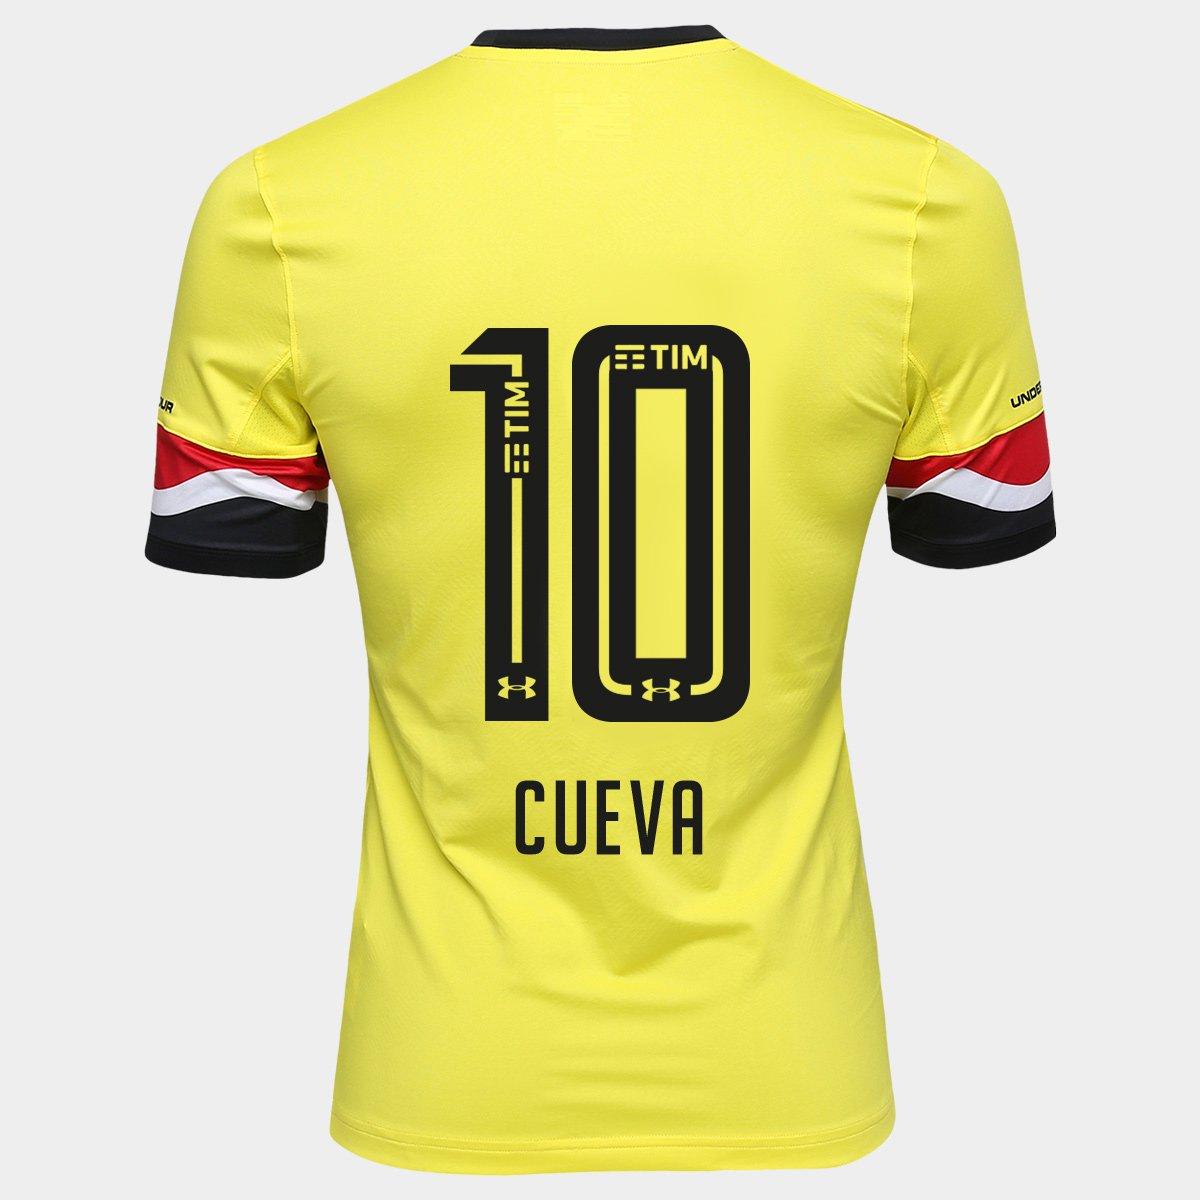 a44ee33b570 Camisa Under Armour São Paulo III 16 17 Jogador - n° 10 Cueva - Compre Agora